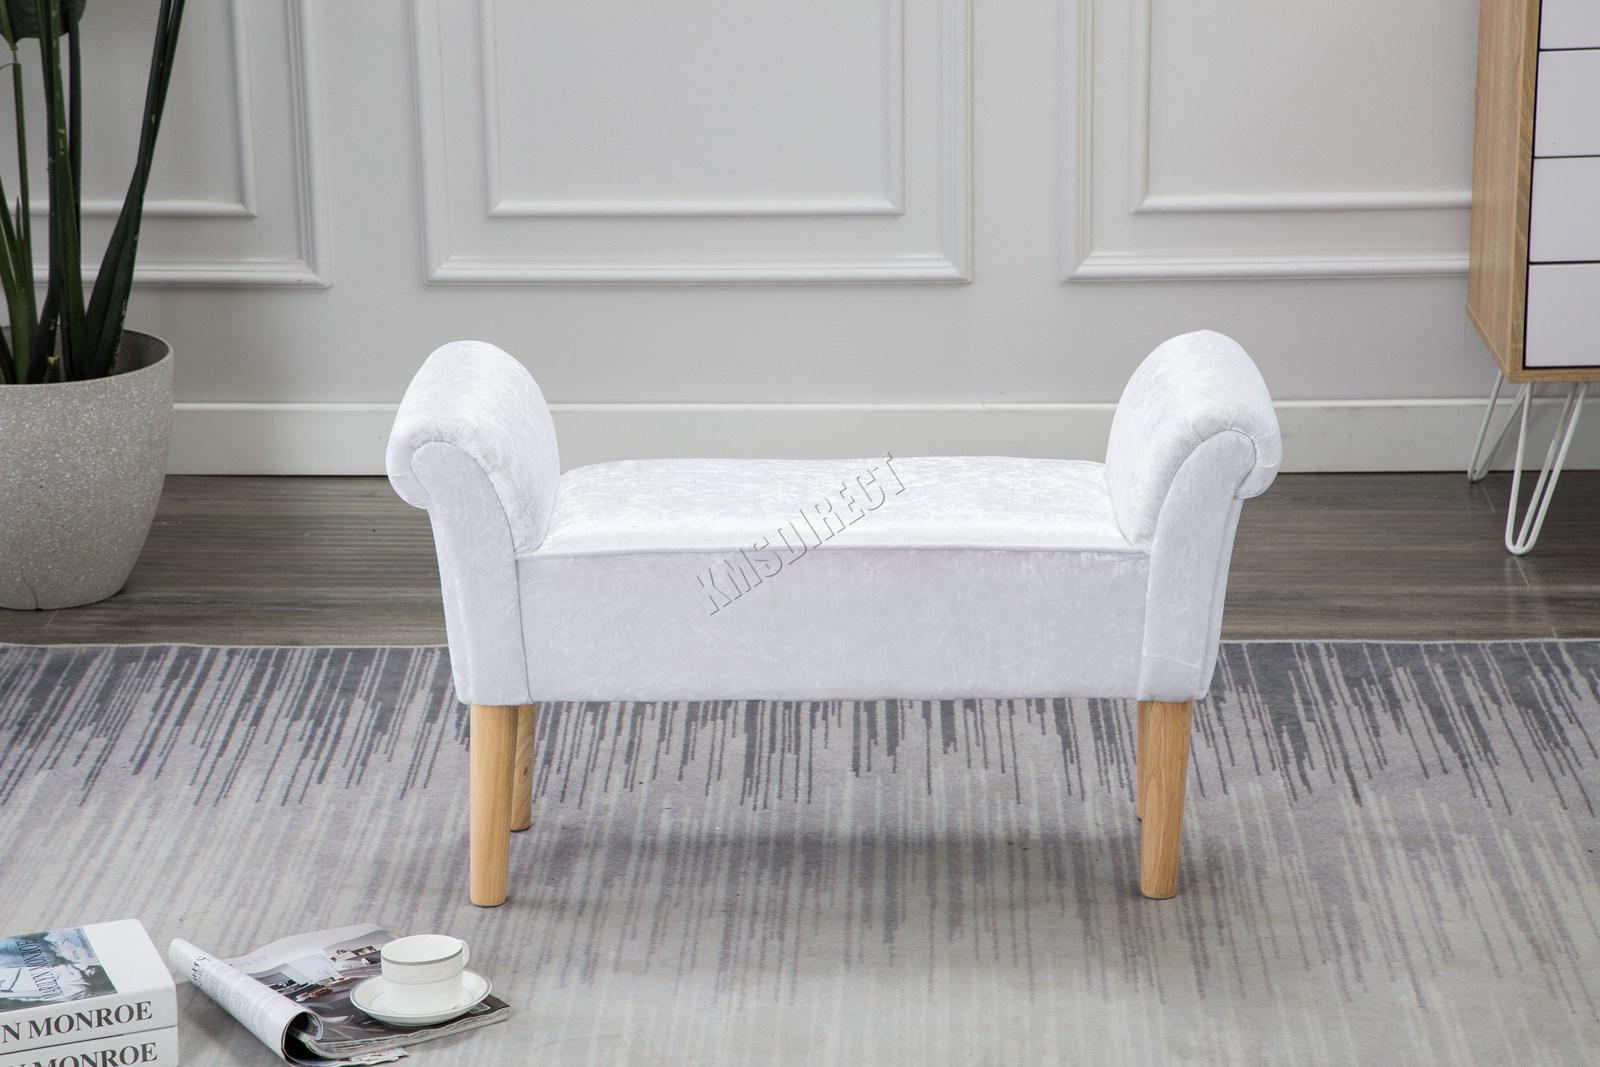 Westwood-Stoff-Bench-Fusshocker-Sitz-Pouf-Wuerfelfoermig-Polsterhocker-Schlafzimmer Indexbild 26